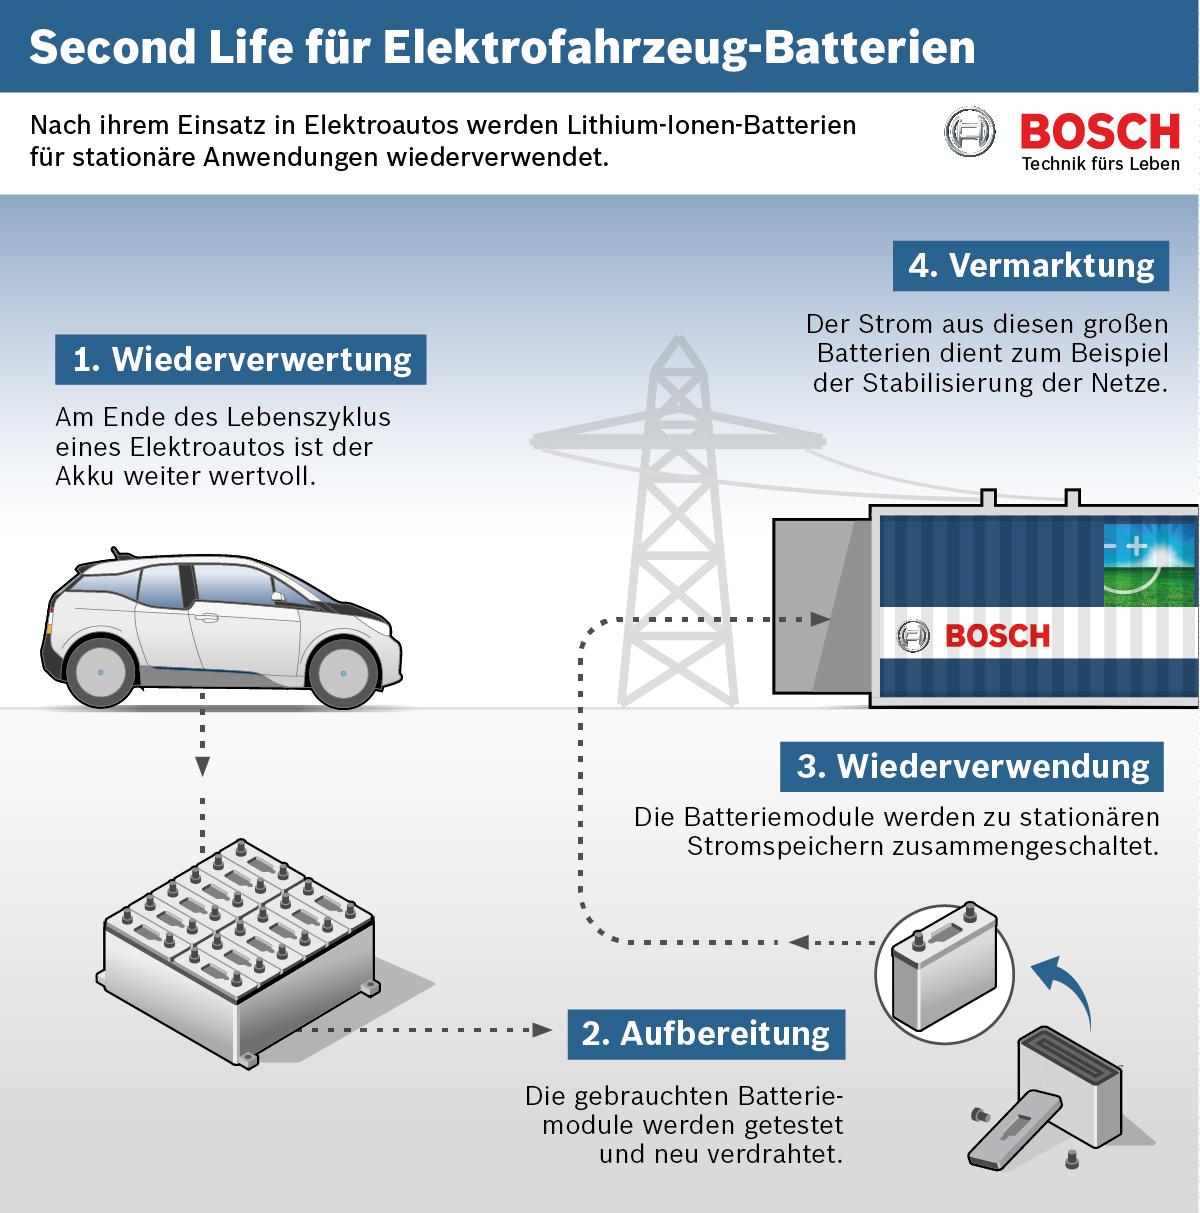 Second Life für gebrauchte Elektrofahrzeug-Batterien